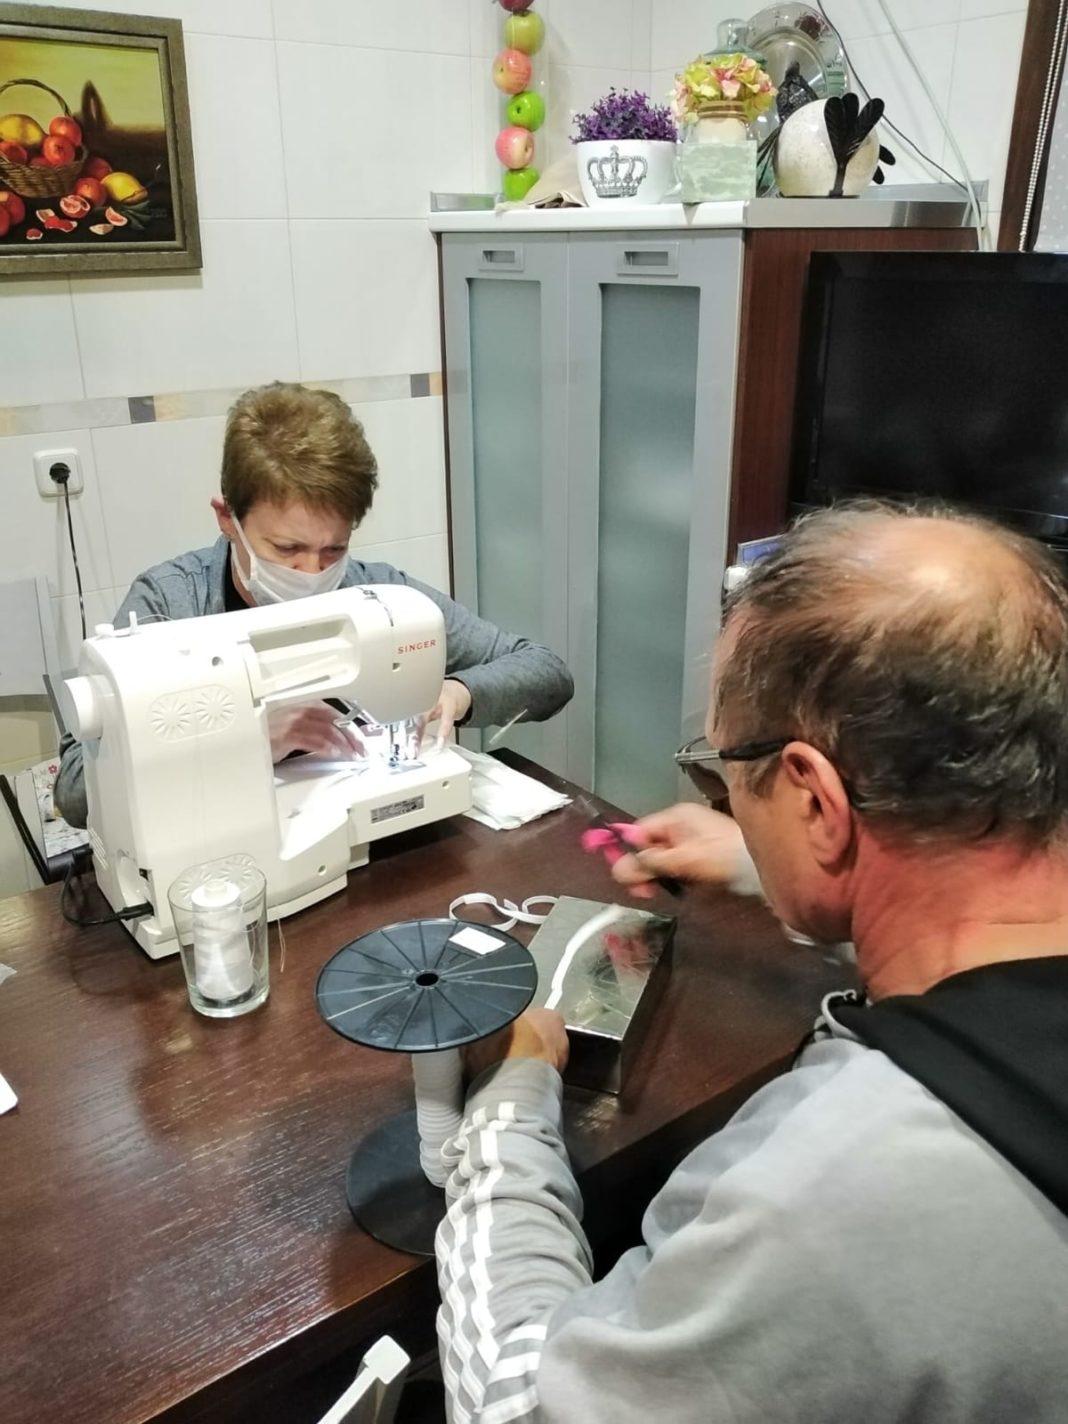 Grupo de costureras de Herencia11 1068x1424 - Costureras de Herencia y Villafranca colaboran en la lucha contra la COVID-19